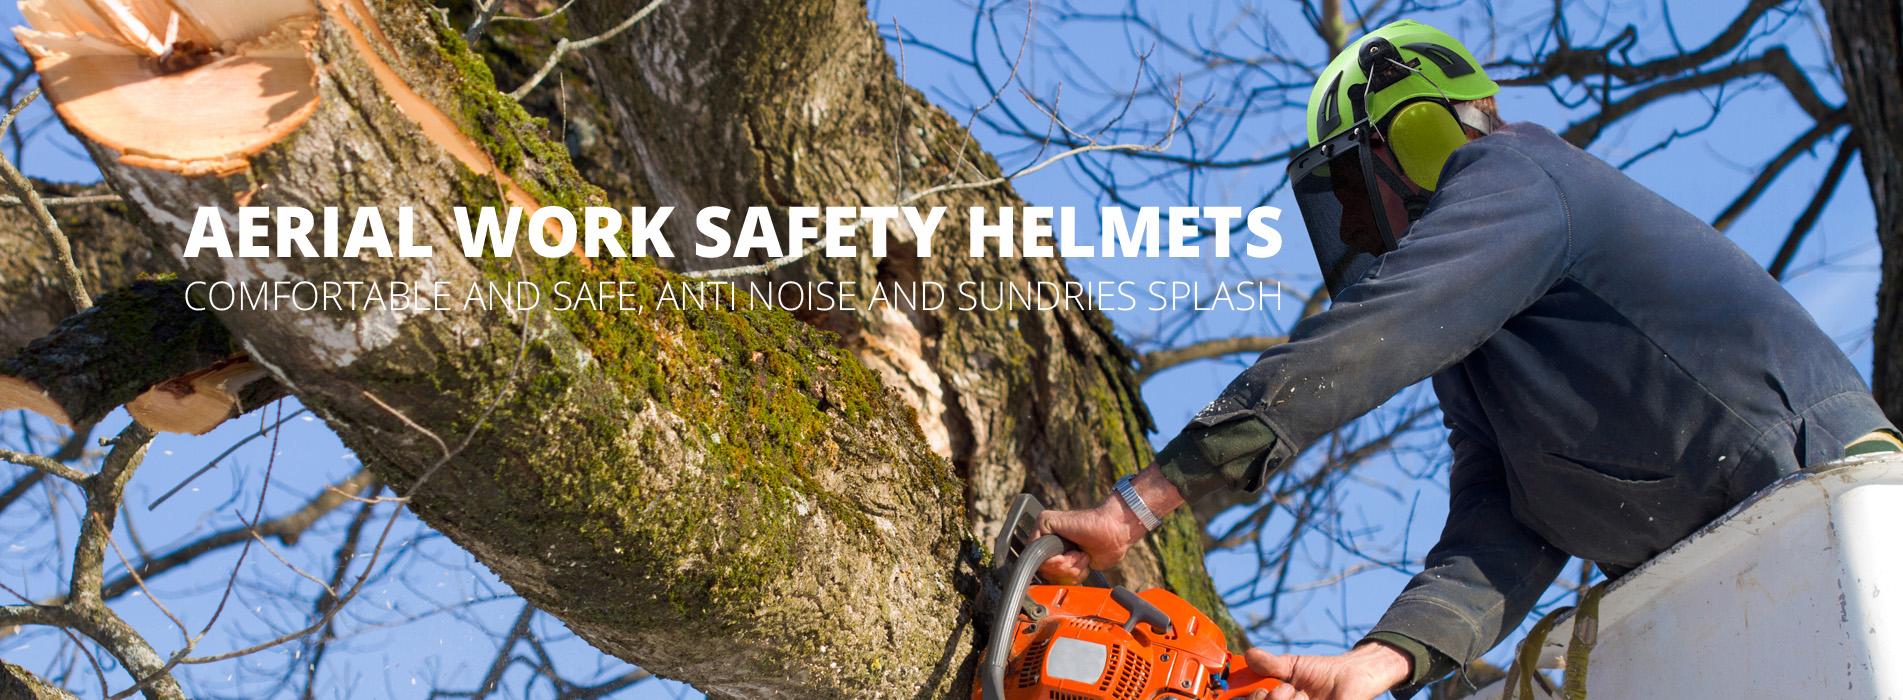 industrial safety helmet banner